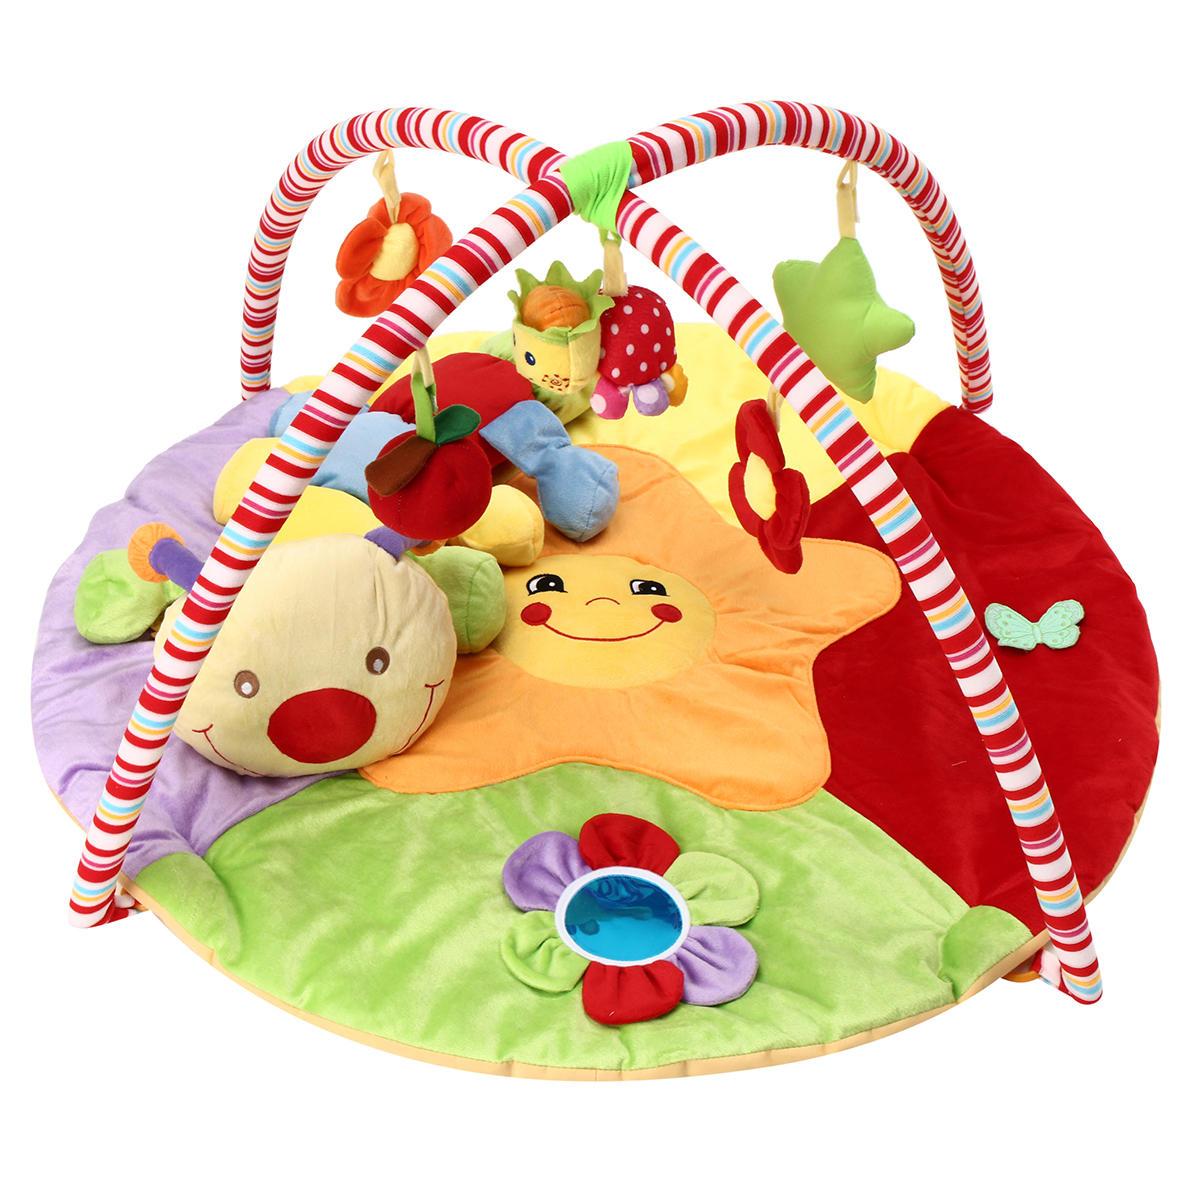 Tapis De Jeu Musical Pour Bébé Temps Dans Le Ventre Gratuit Caterpillar  Soft Tapis De Jeu Premium Pour Bébé tout Jeux Pour Bebe Gratuit